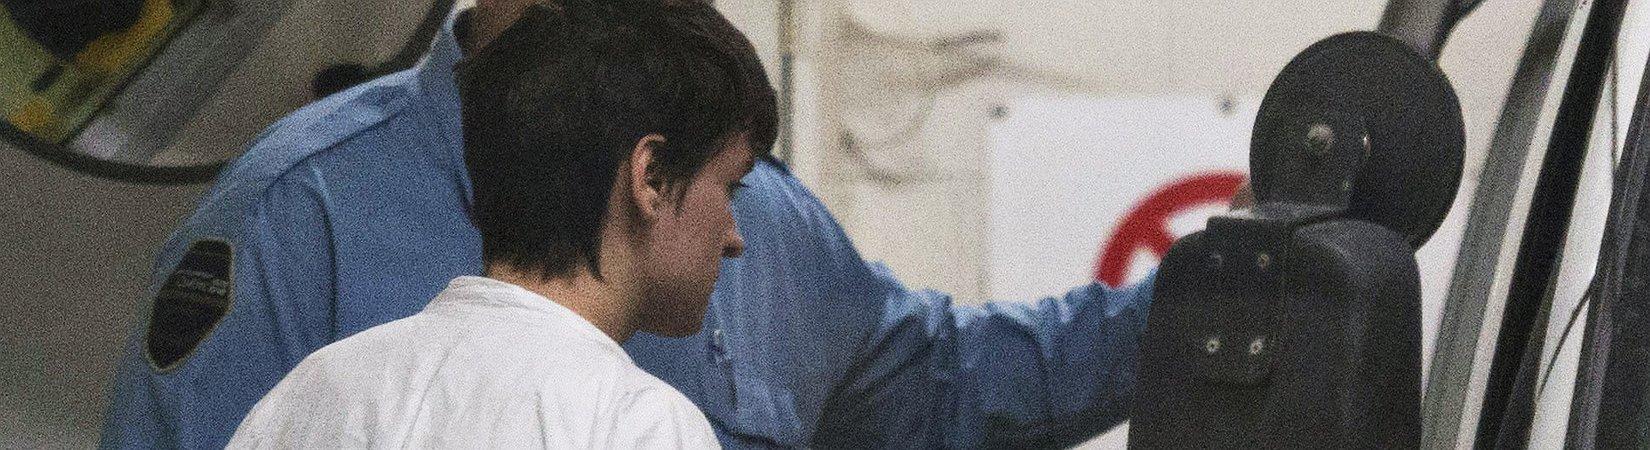 Lo studente Alexandre Bissonette è stato accusato della sparatoria alla moschea di Quebec City